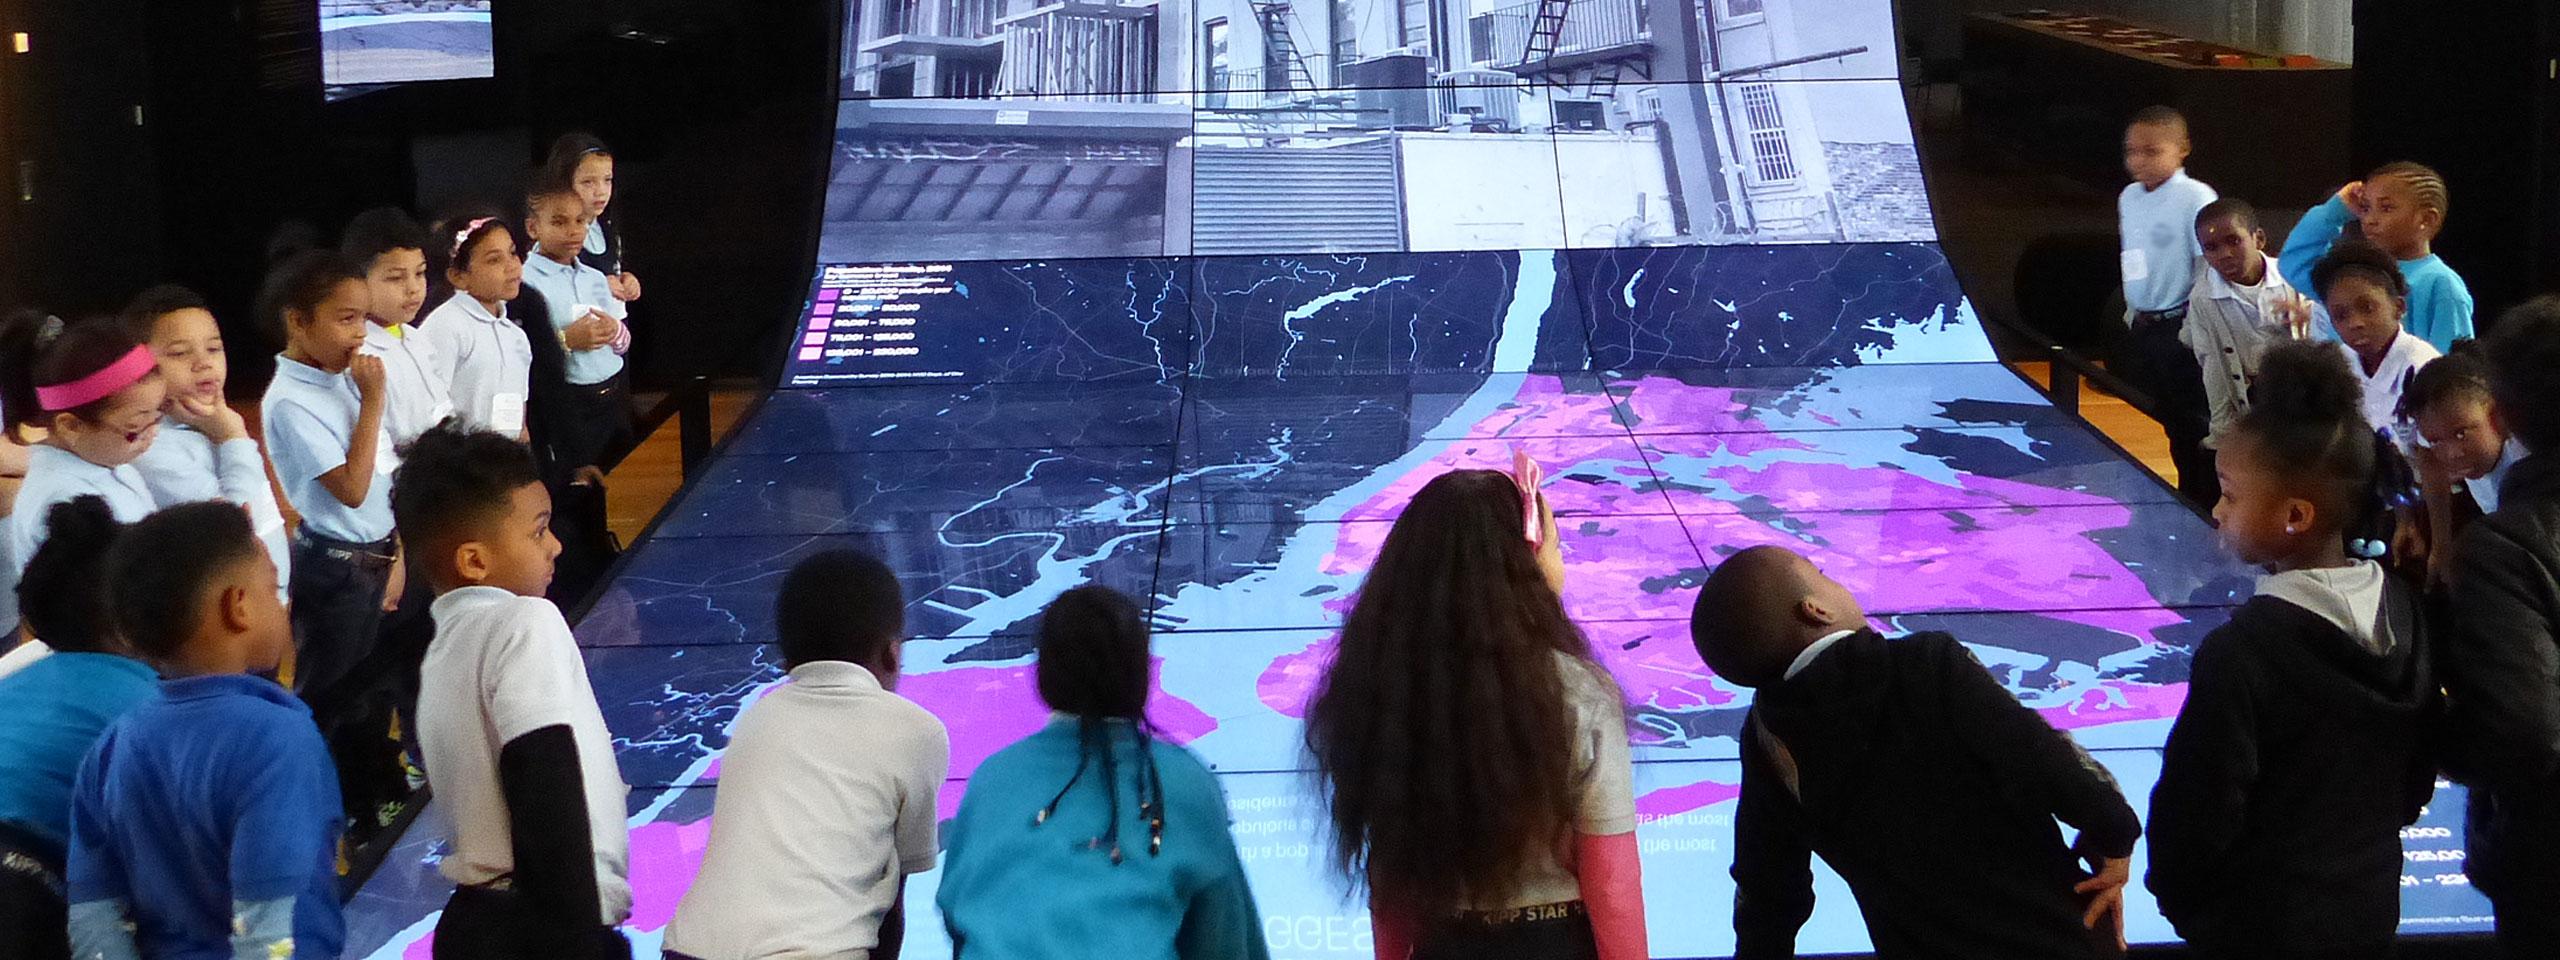 enfants faisant des activités au Musée de la ville de New York